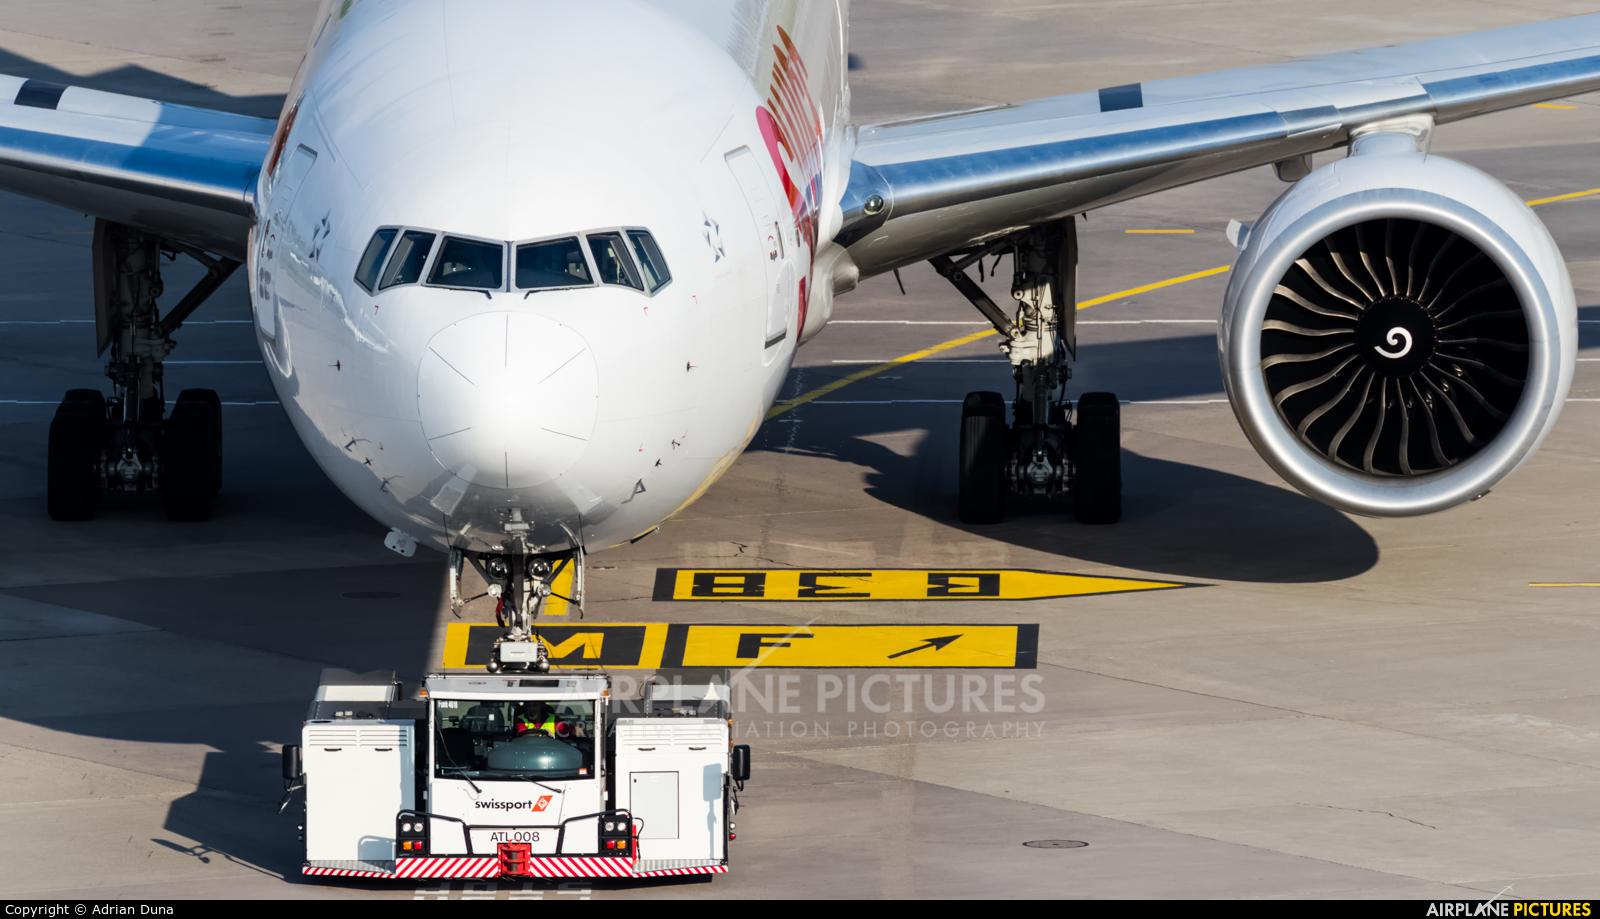 Swiss HB-JND aircraft at Zurich